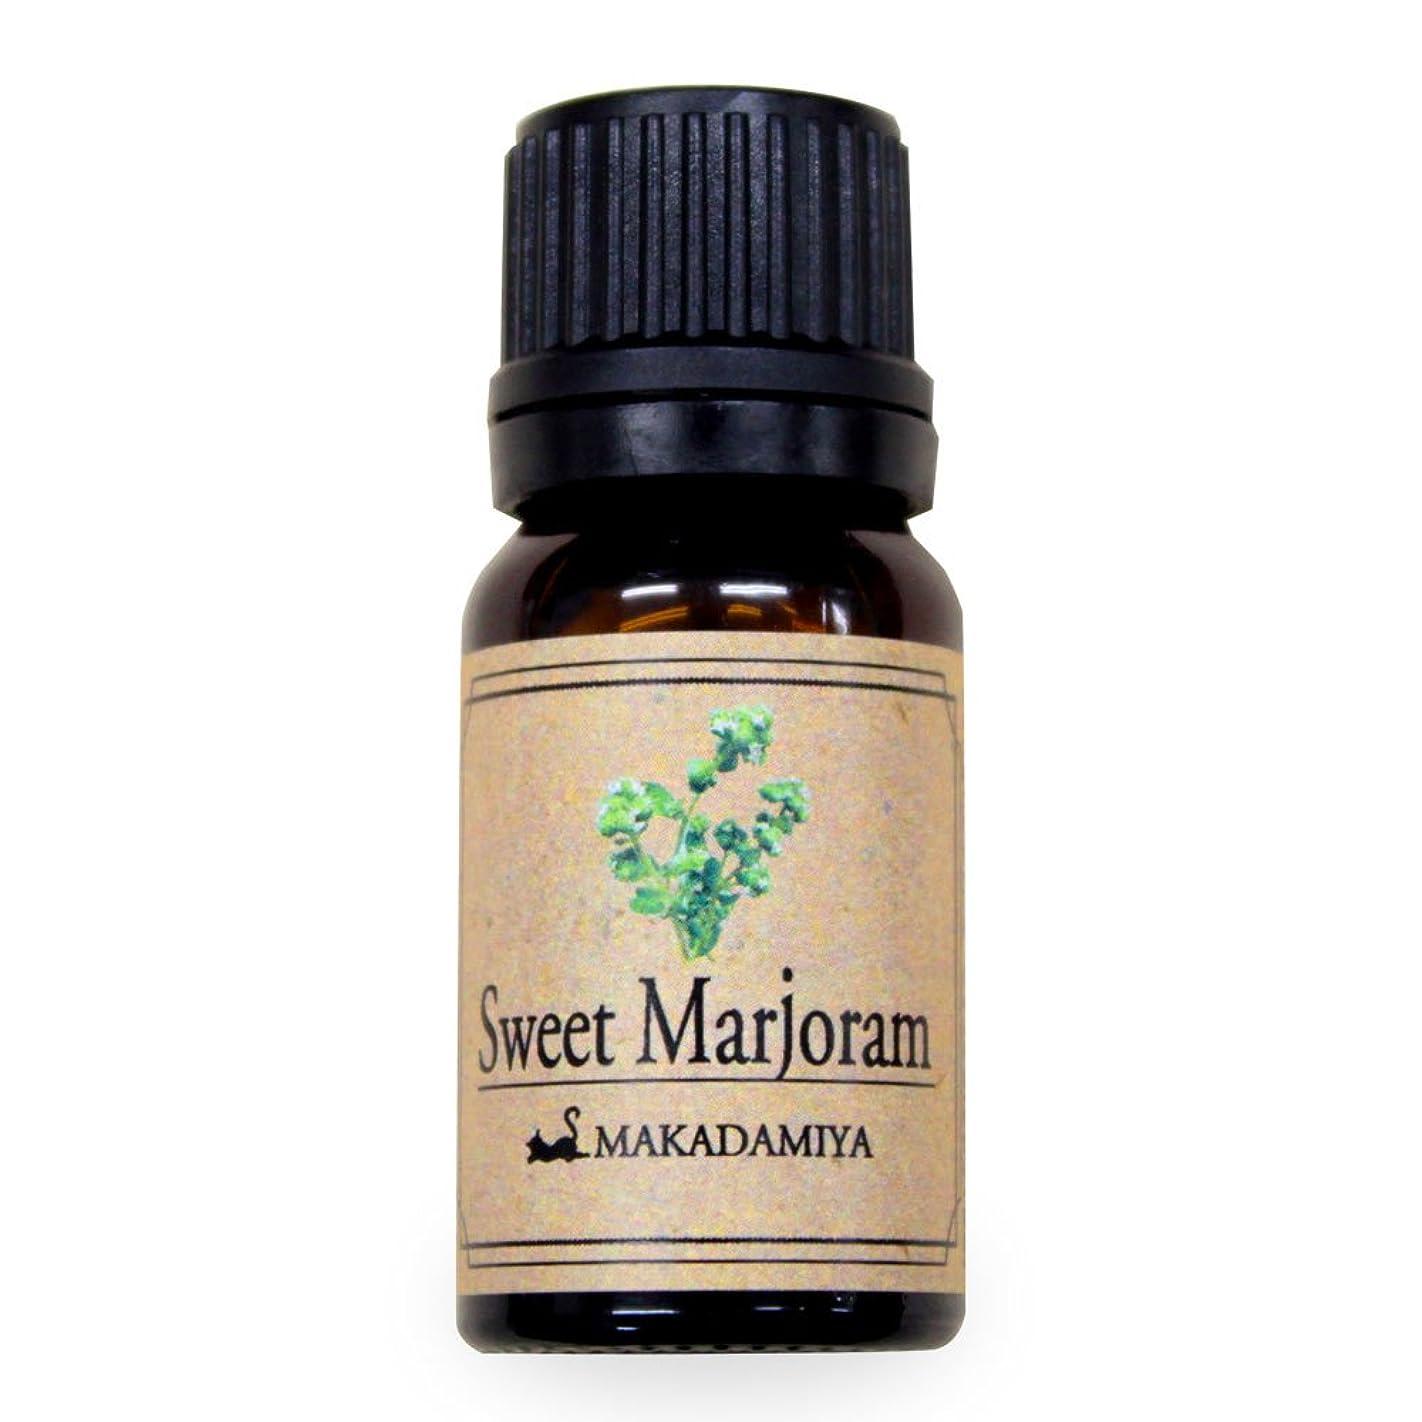 広まった味わういたずらスイートマージョラム10ml 天然100%植物性 エッセンシャルオイル(精油) アロマオイル アロママッサージ aroma Sweet M.